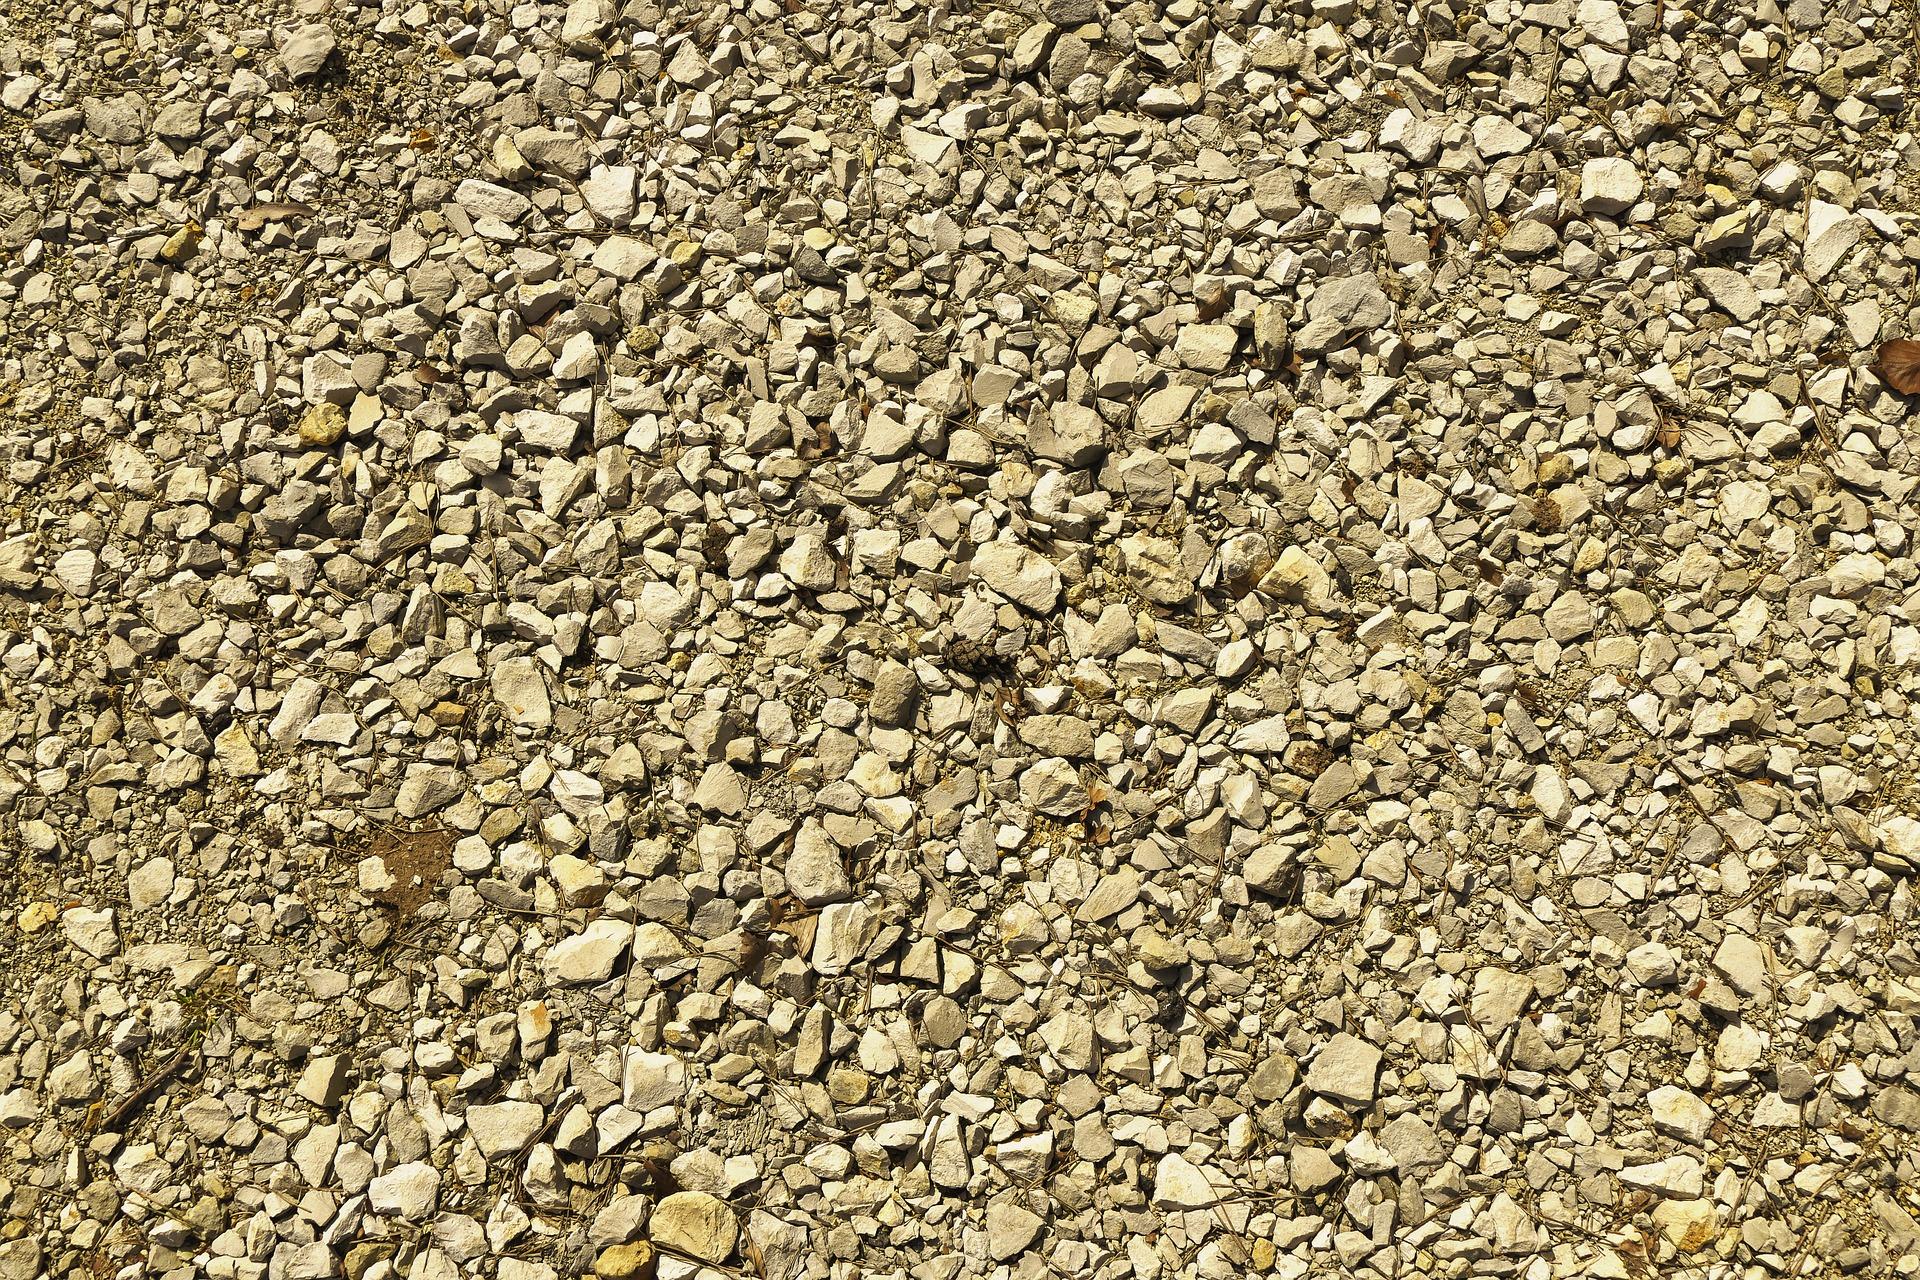 concrete aggregate material